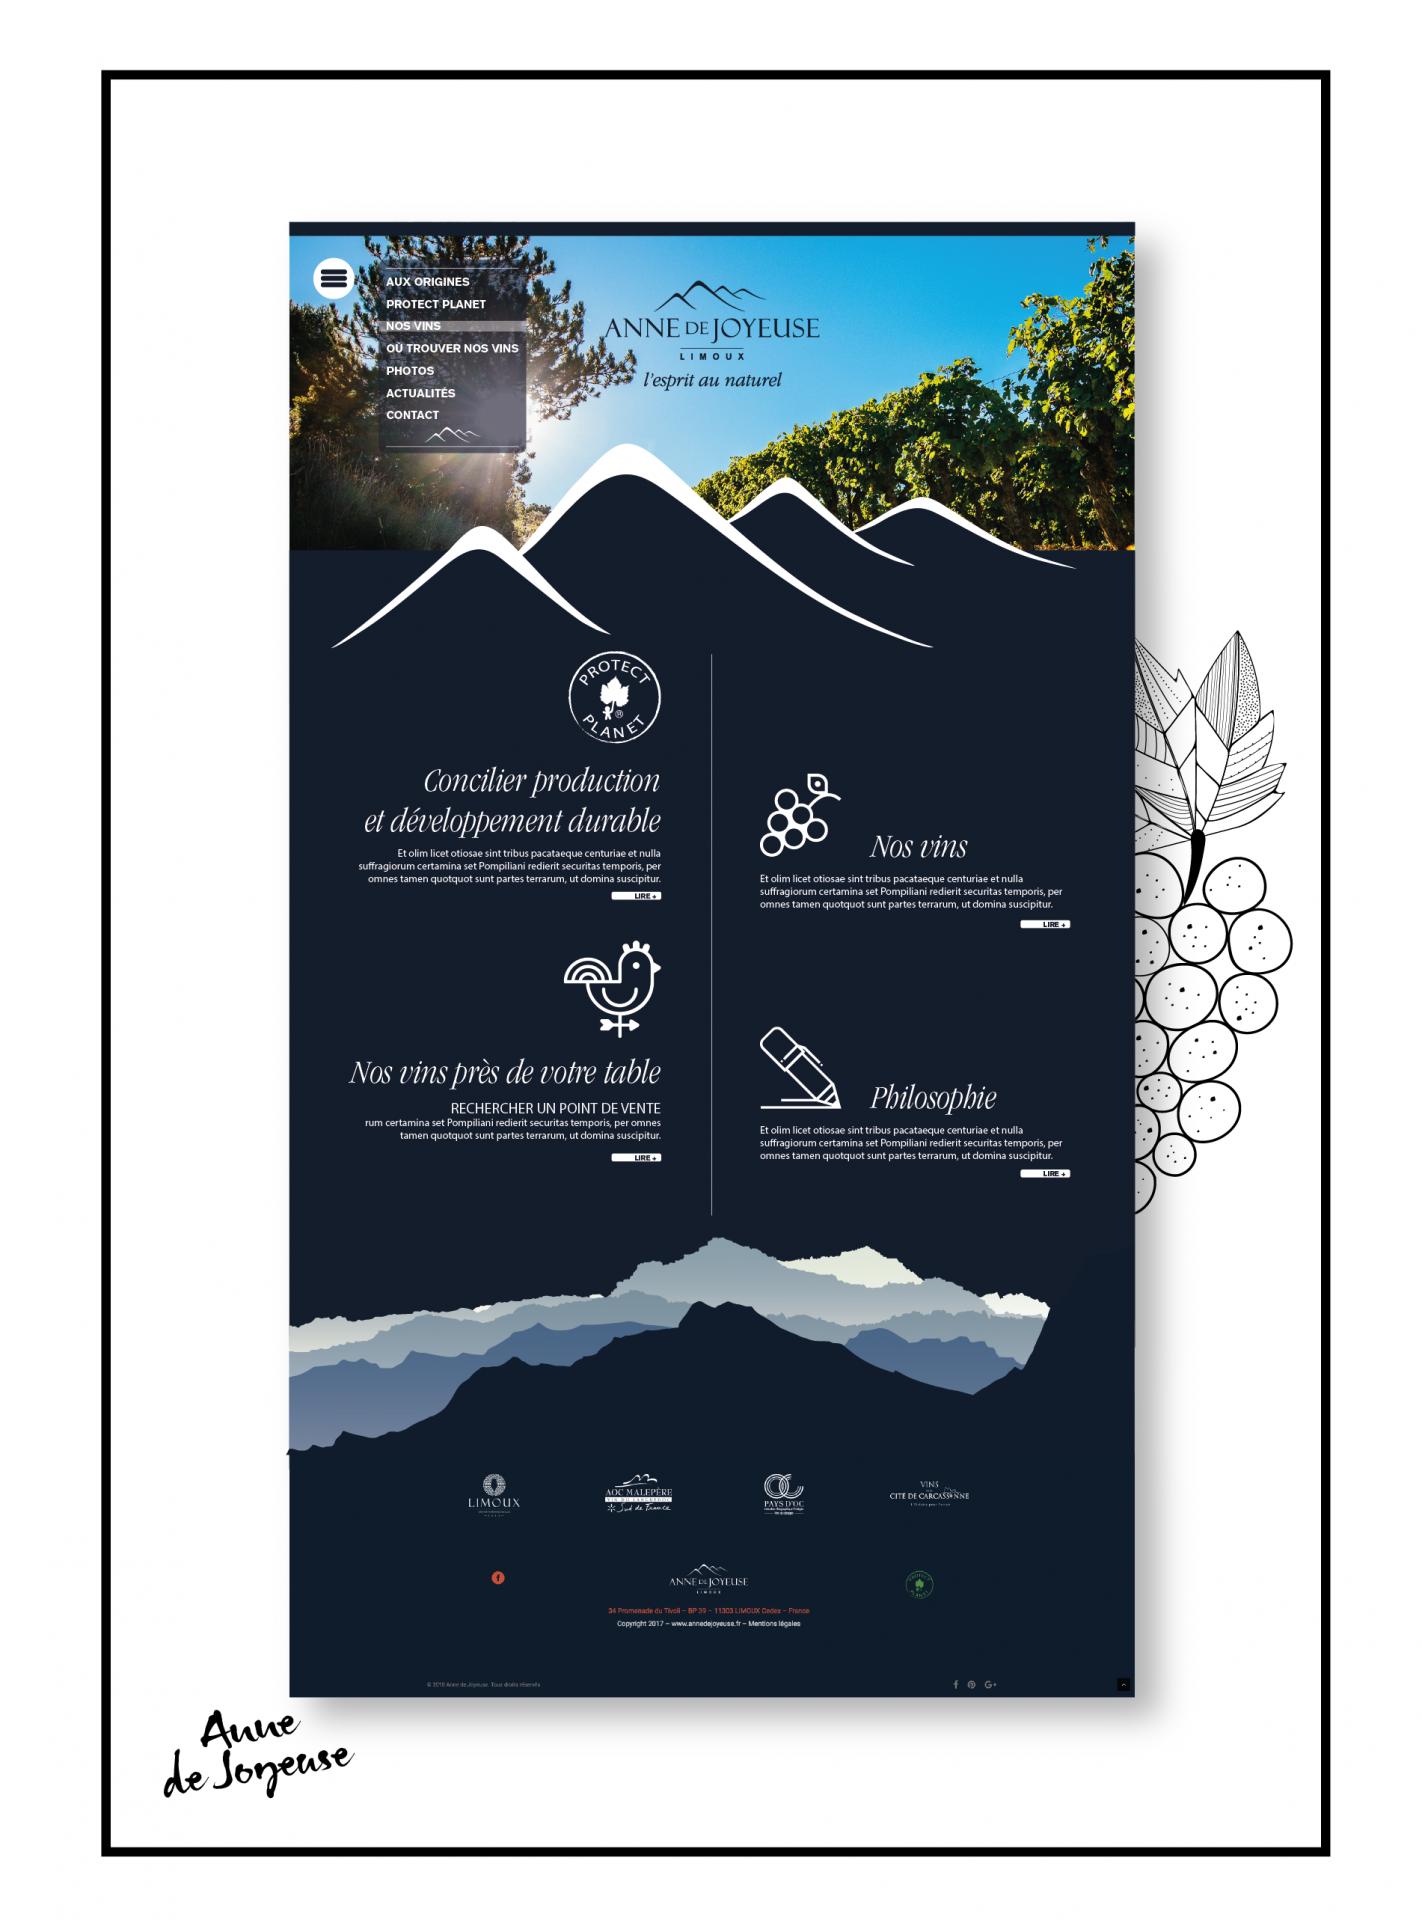 web design anne de joyeuse